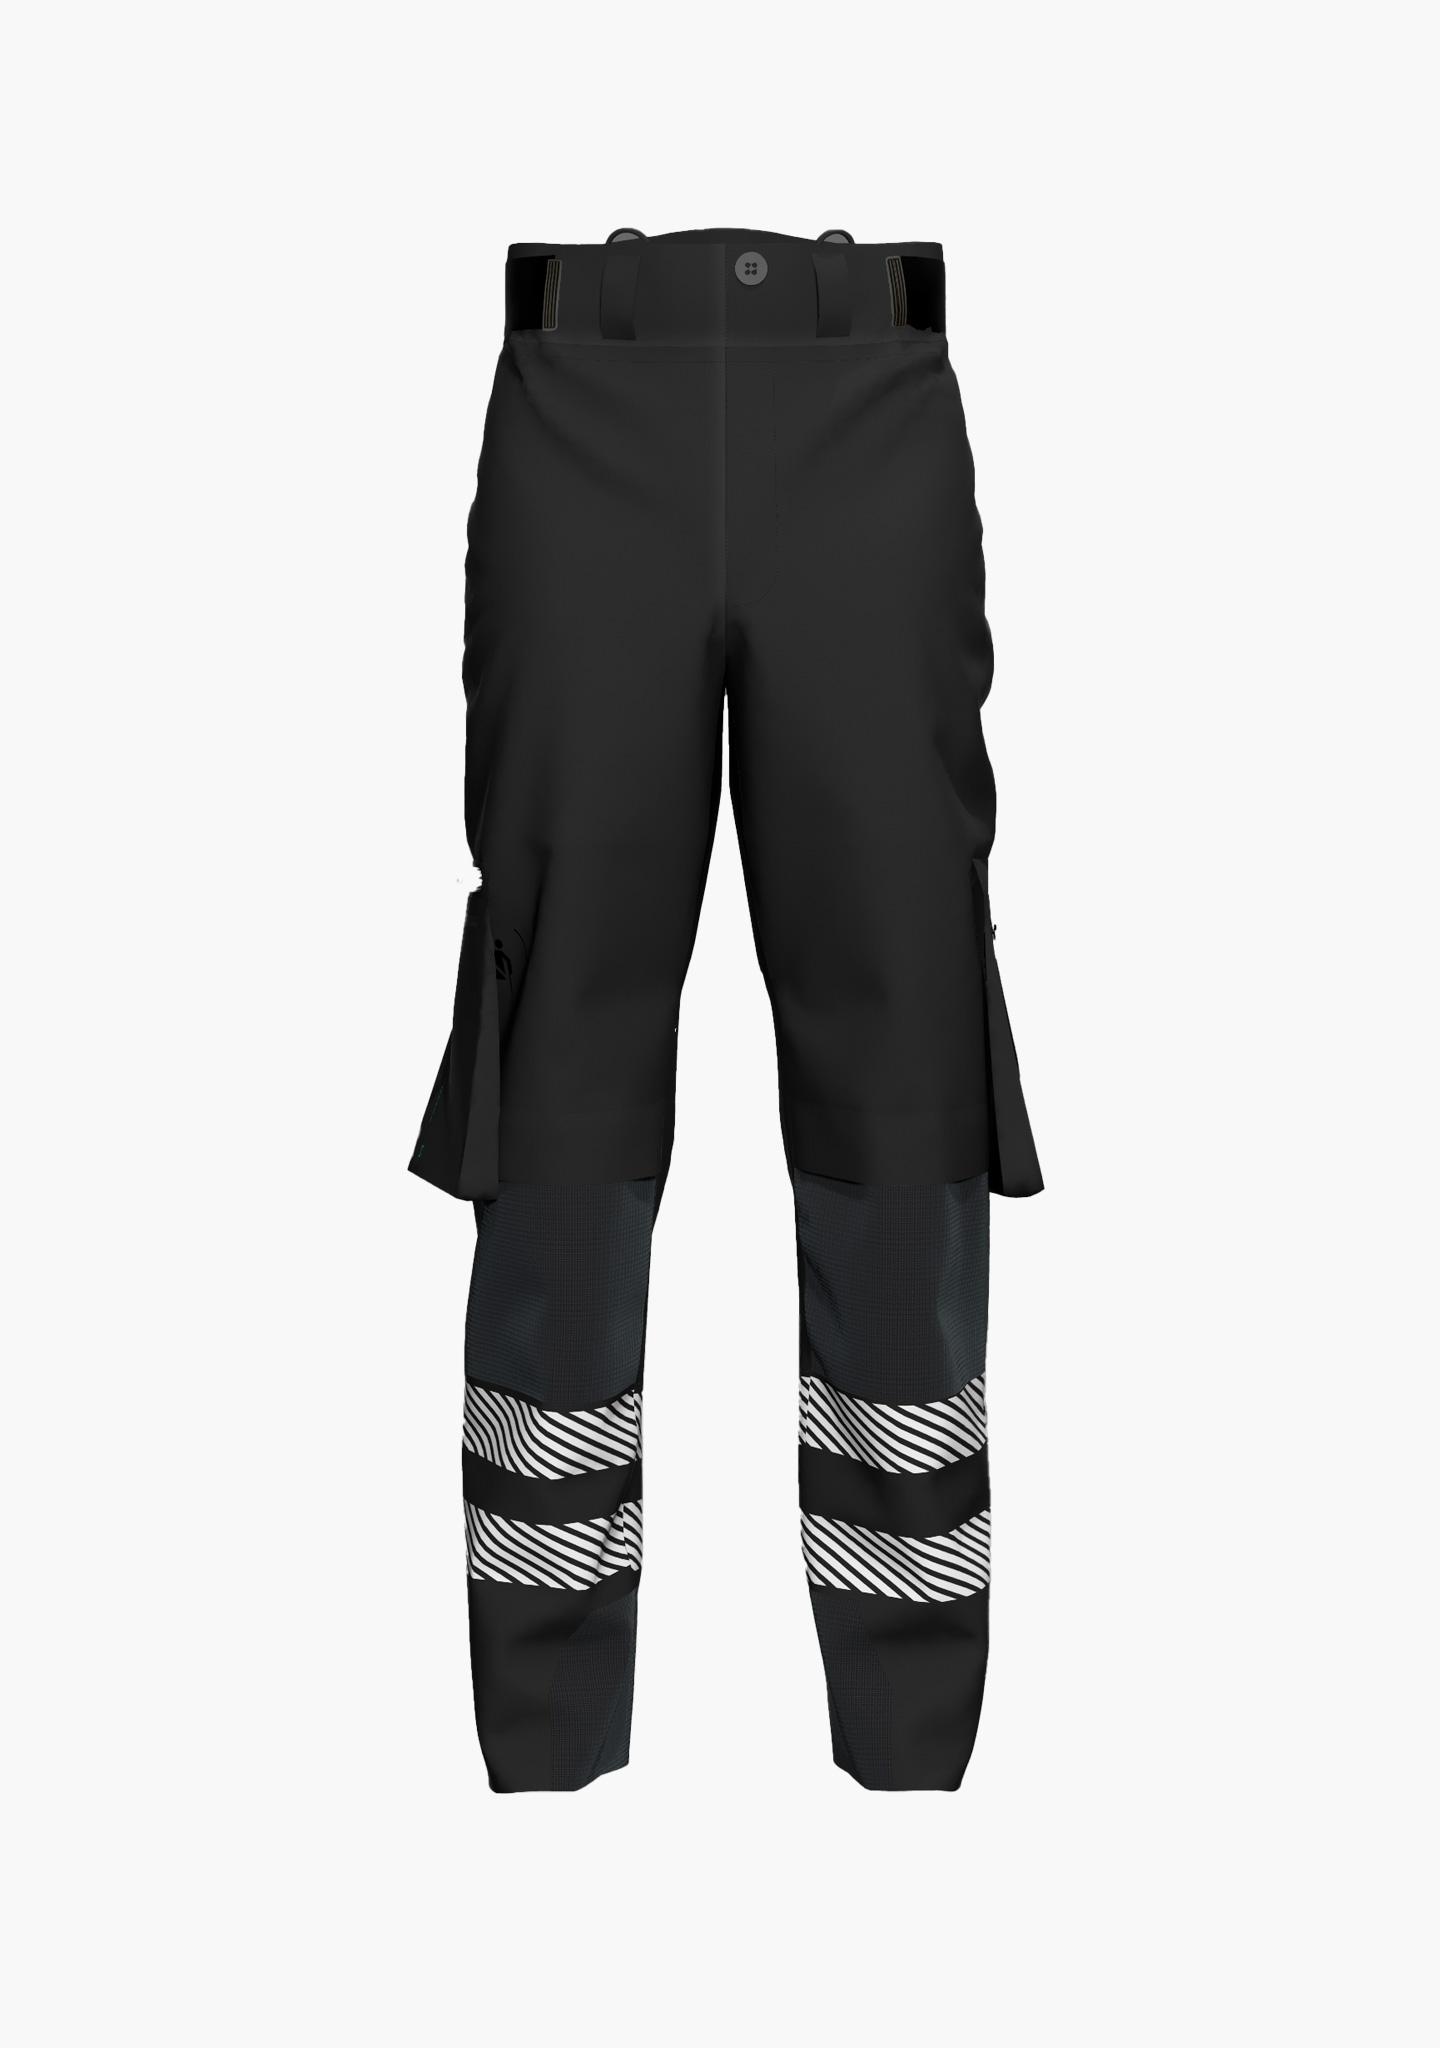 TiNEZ Workwear KASKASI (RL) - Regenhose